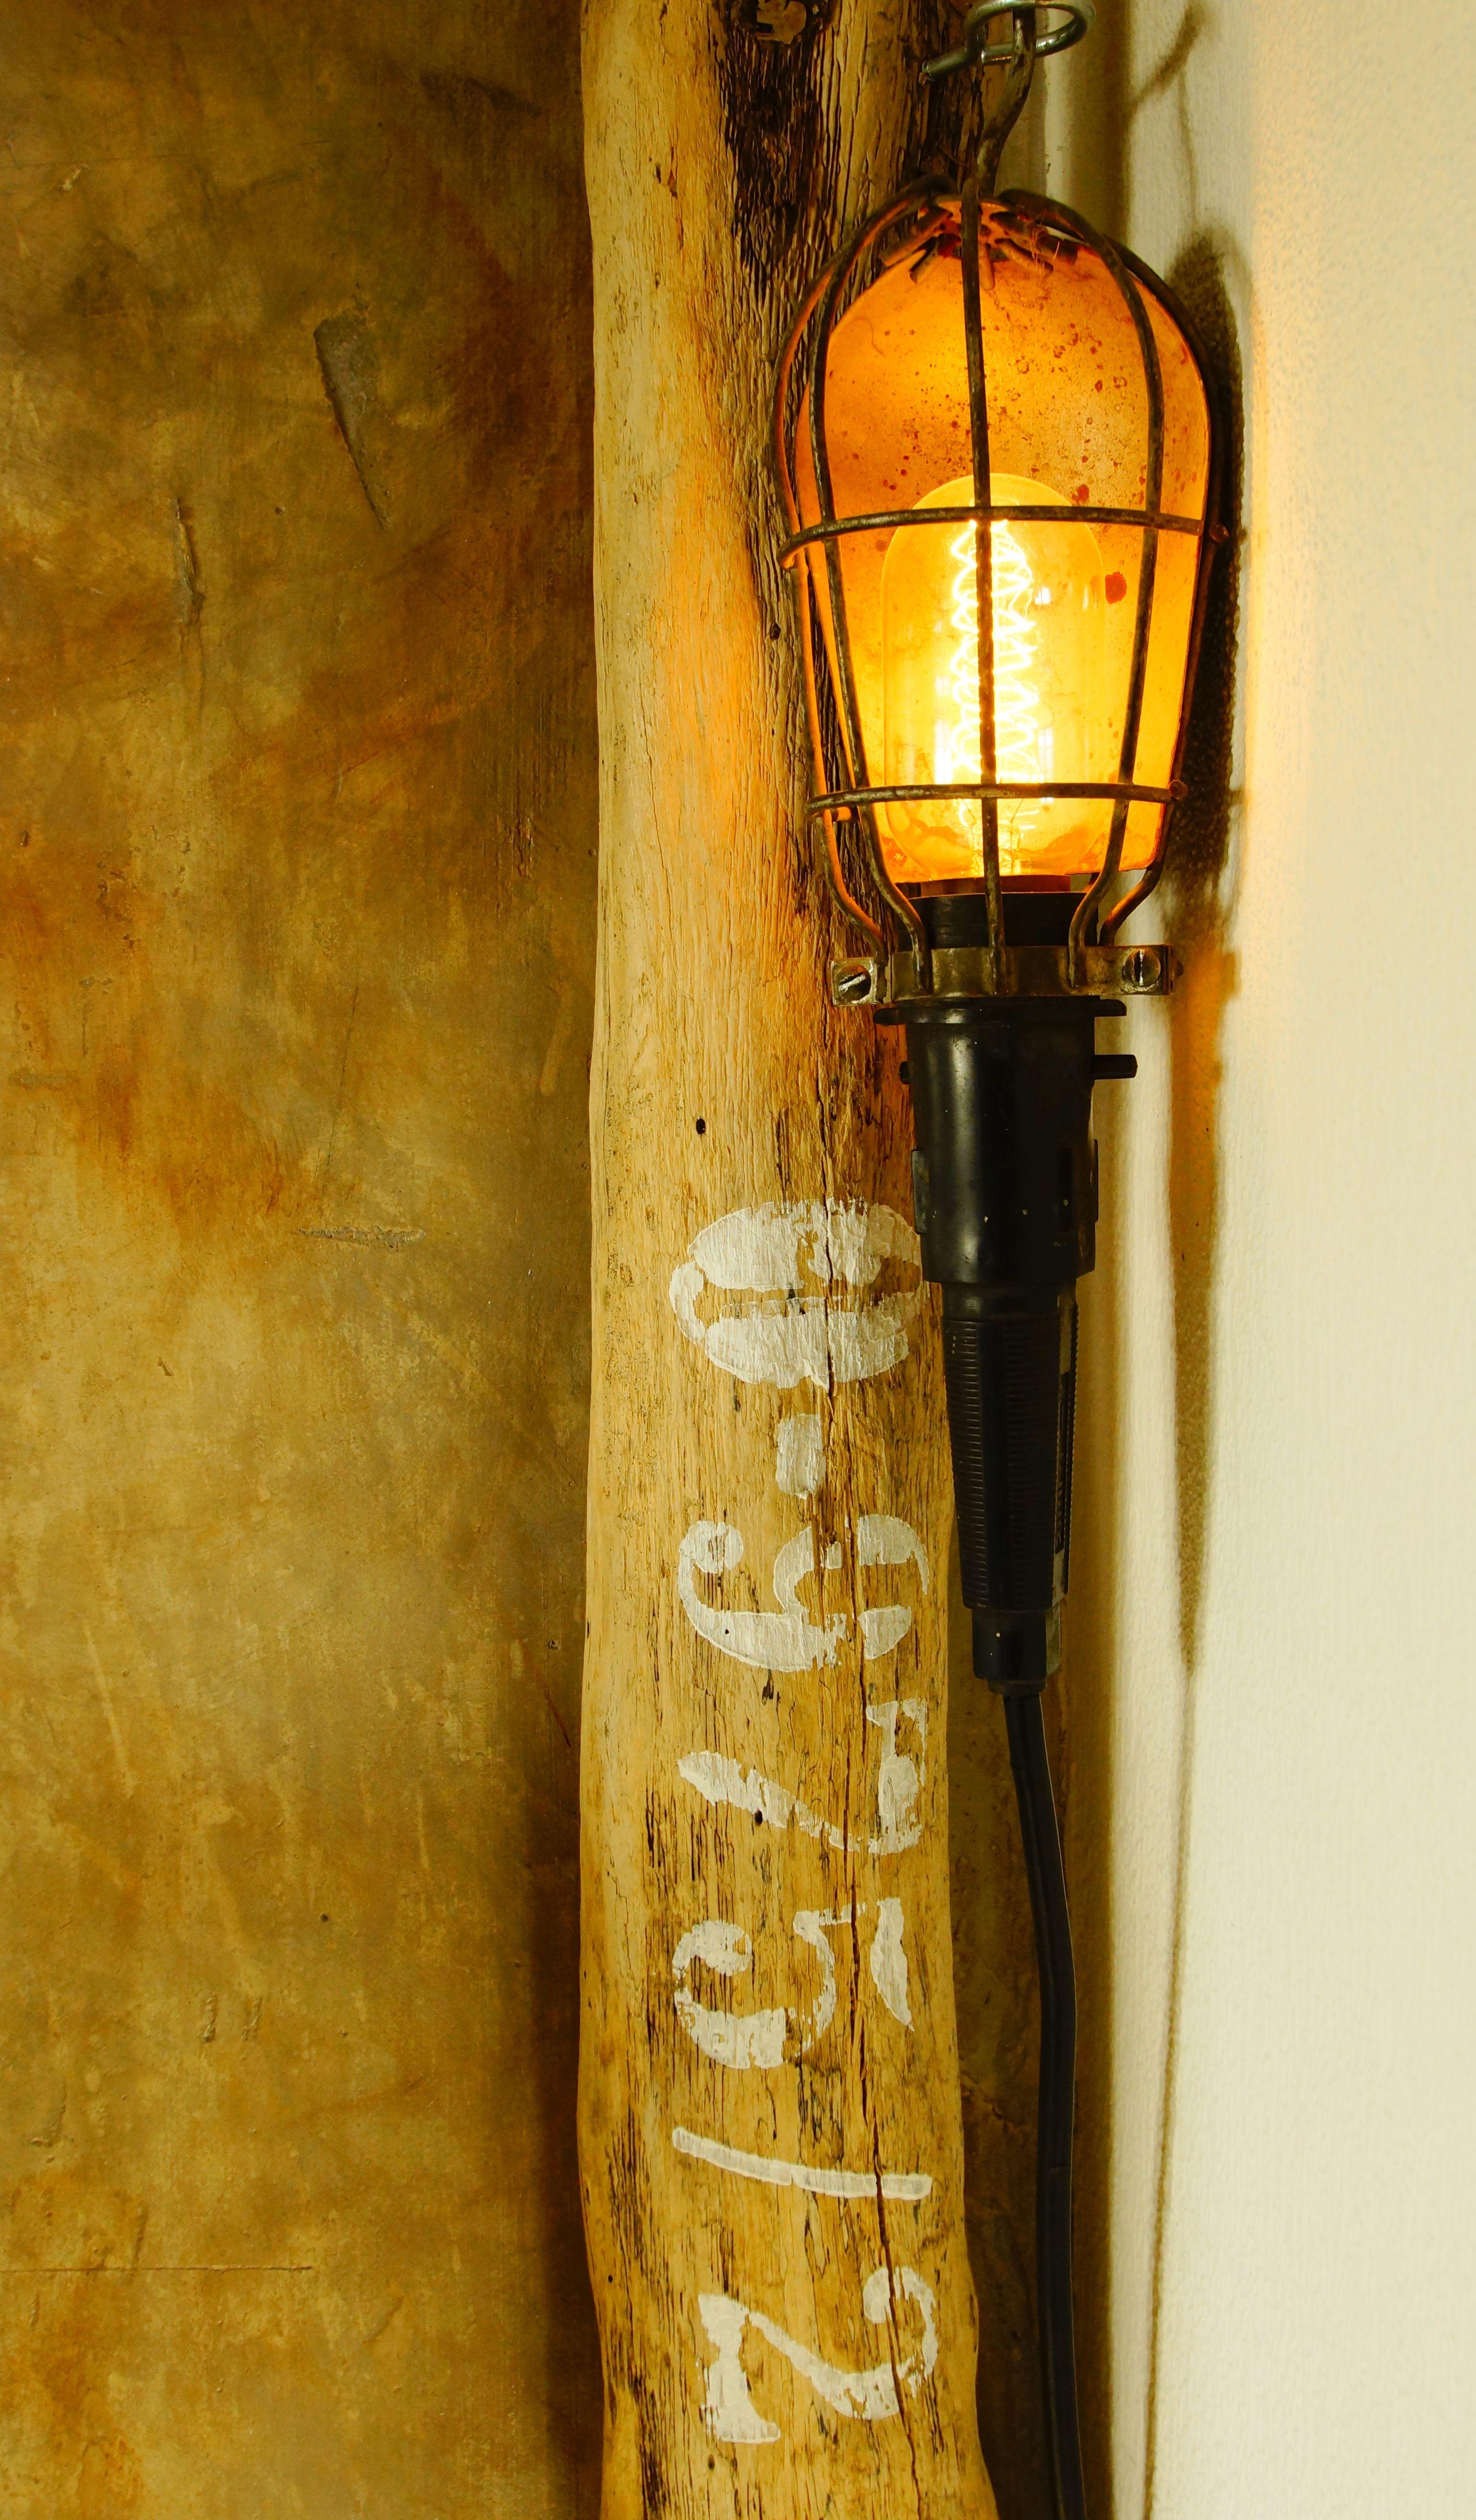 alte Leuchte..an ein langes Stück Strandgut aus Dänemark gehängt ...fertig ist die Wohnzimmerlampe